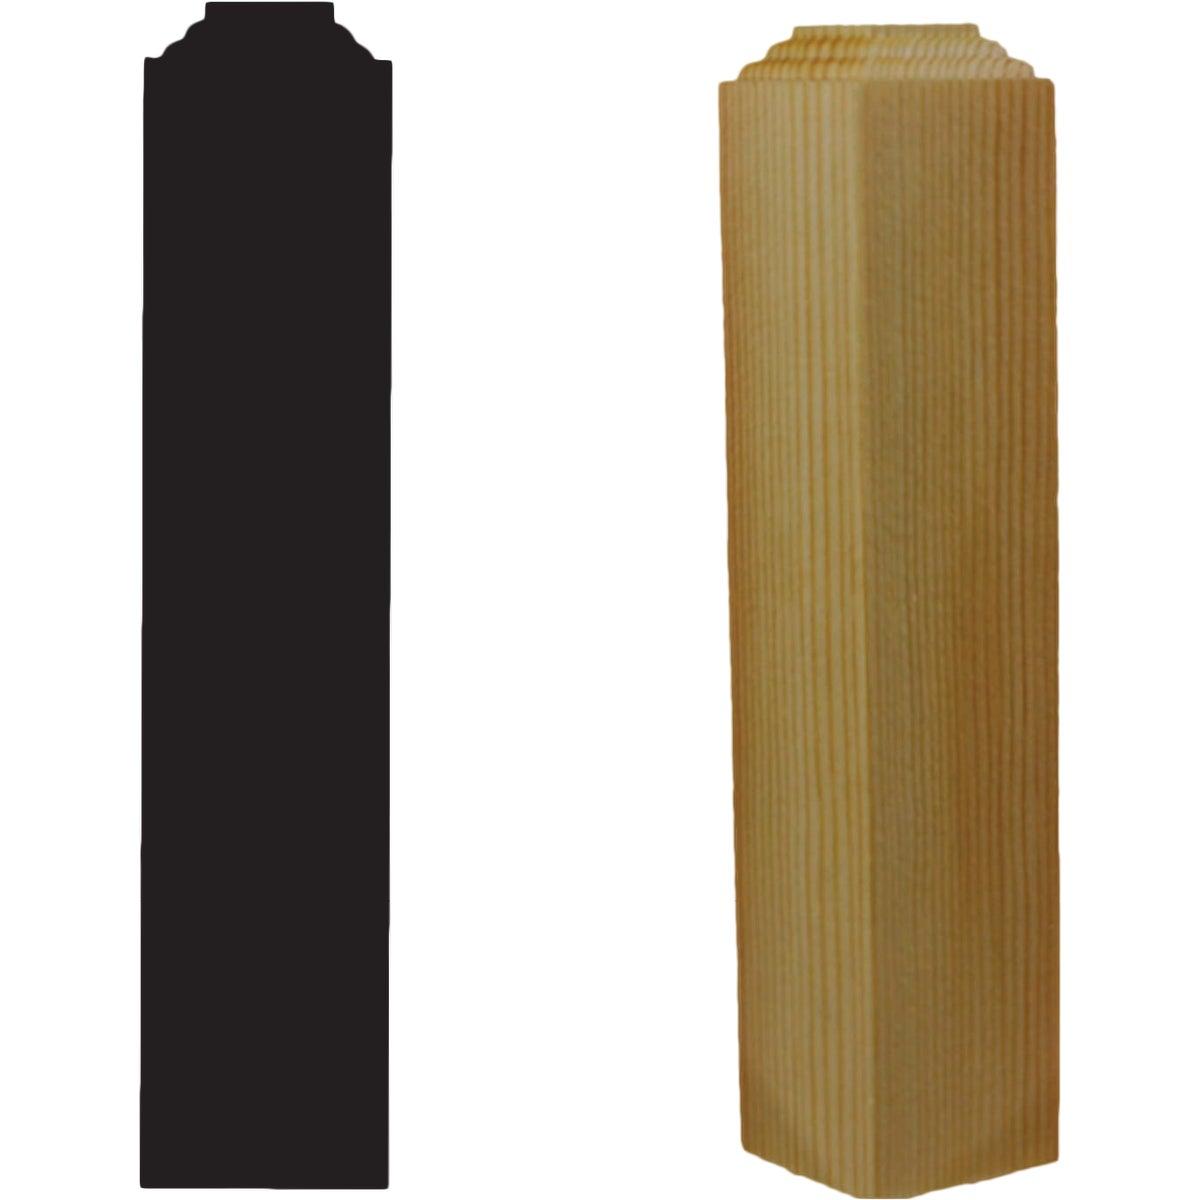 1-1/4X1-1/4X6 Osc Block